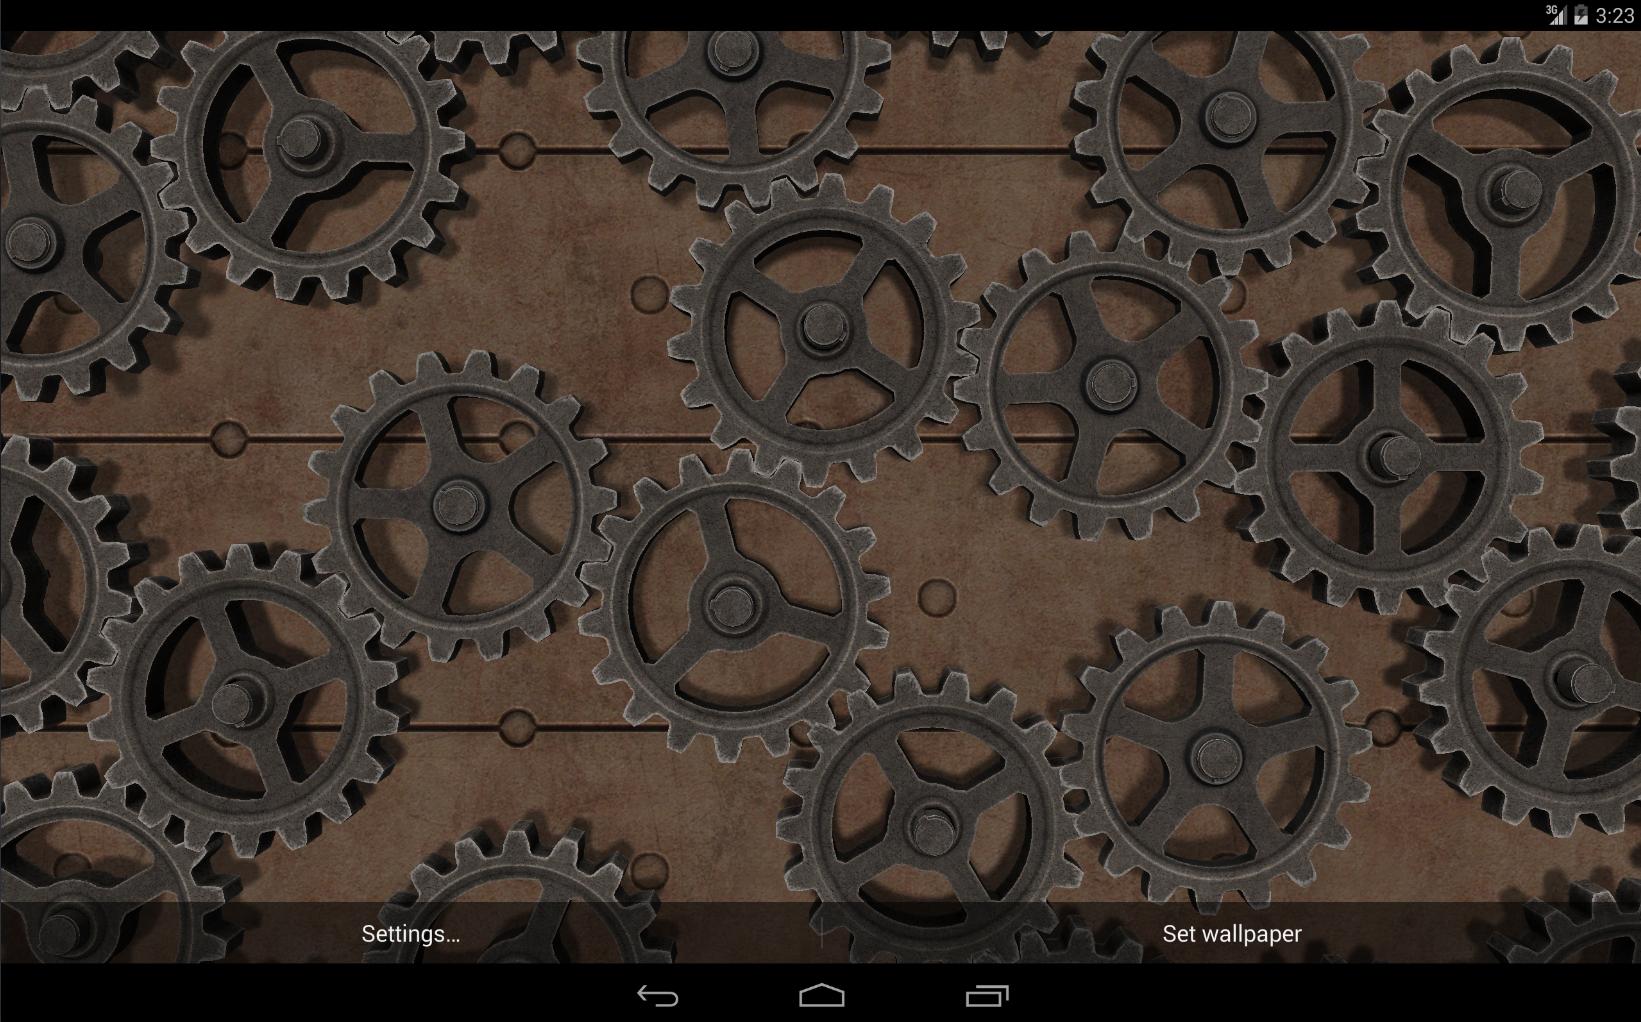 gears_06.jpg